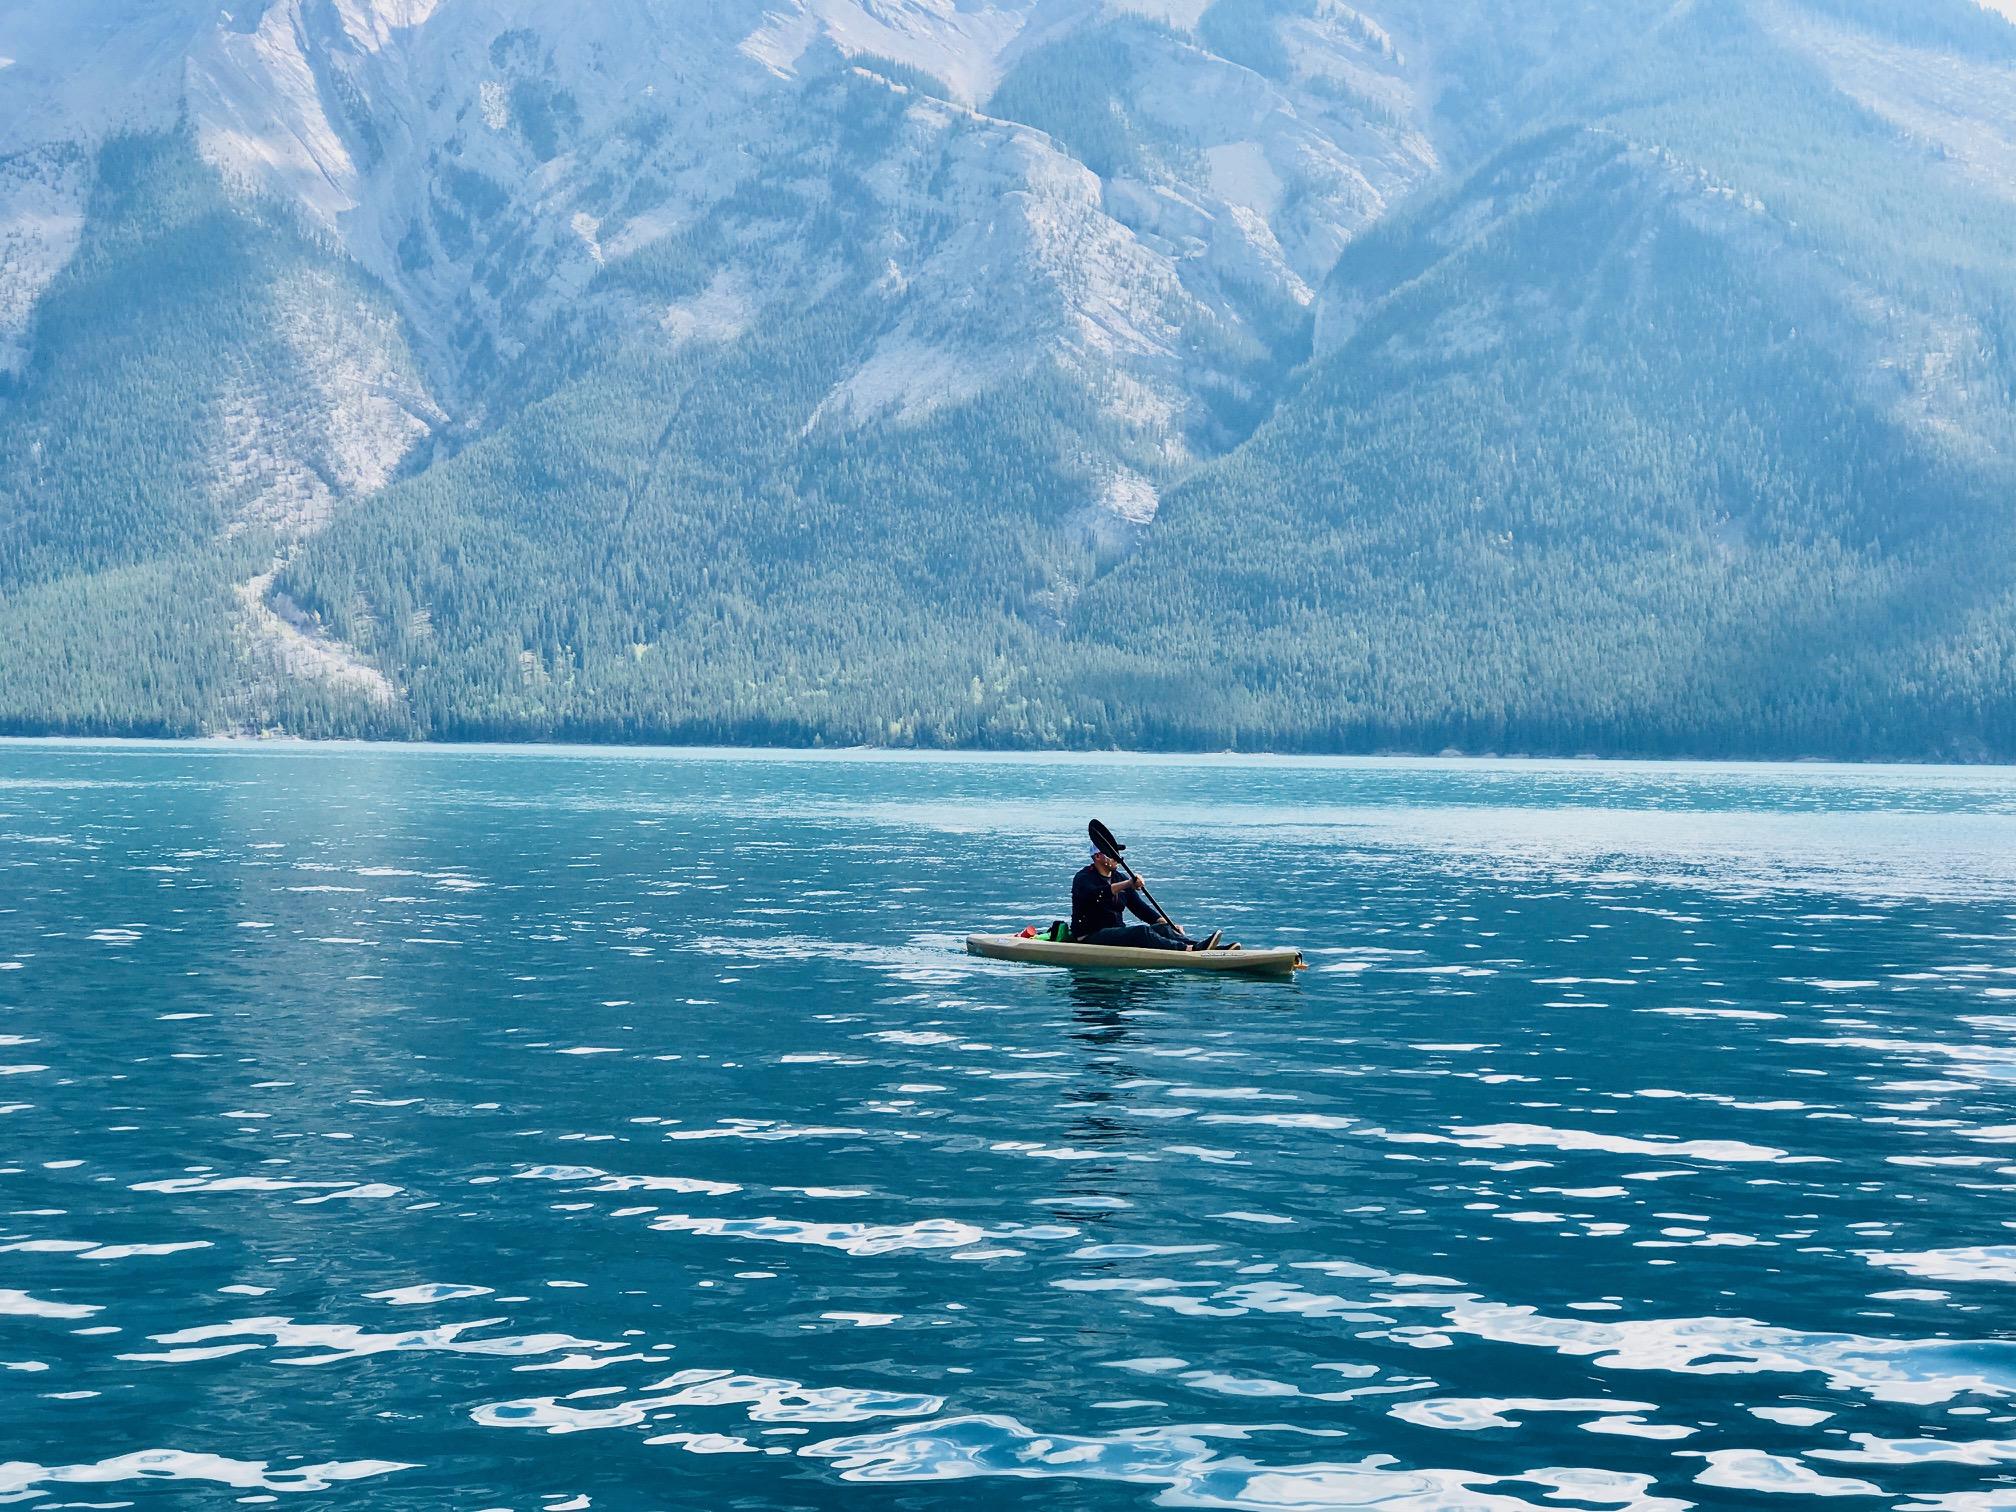 Lake Minnewanka Boat Rentals